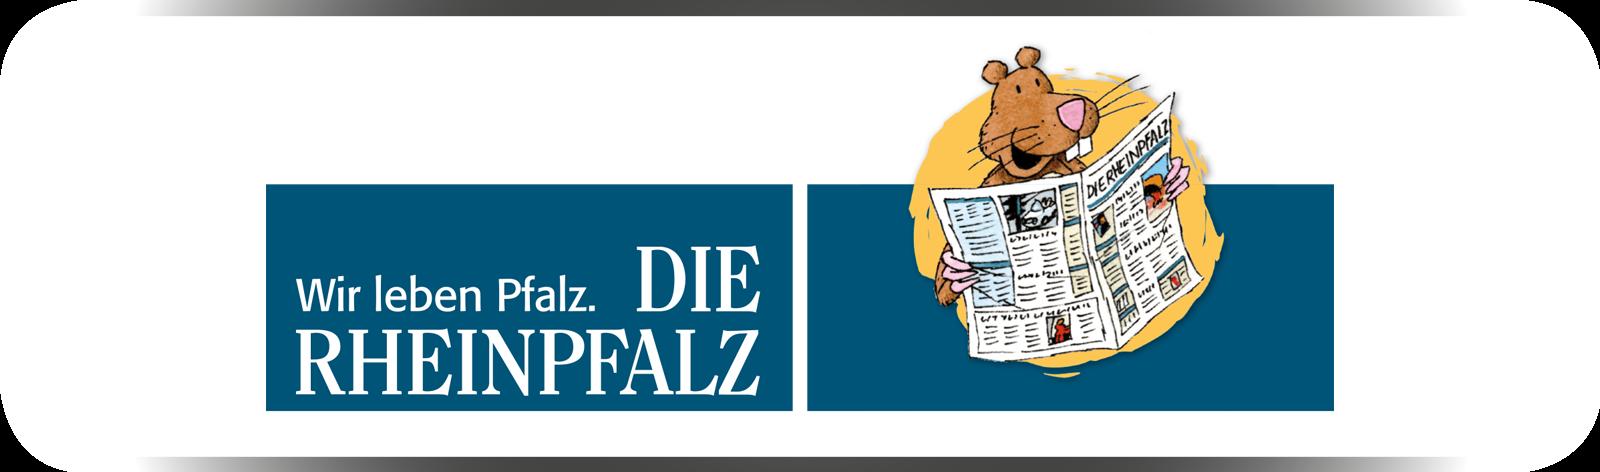 Logo des TEUFELSBANDEN-Partners Die RHEINPFALZ